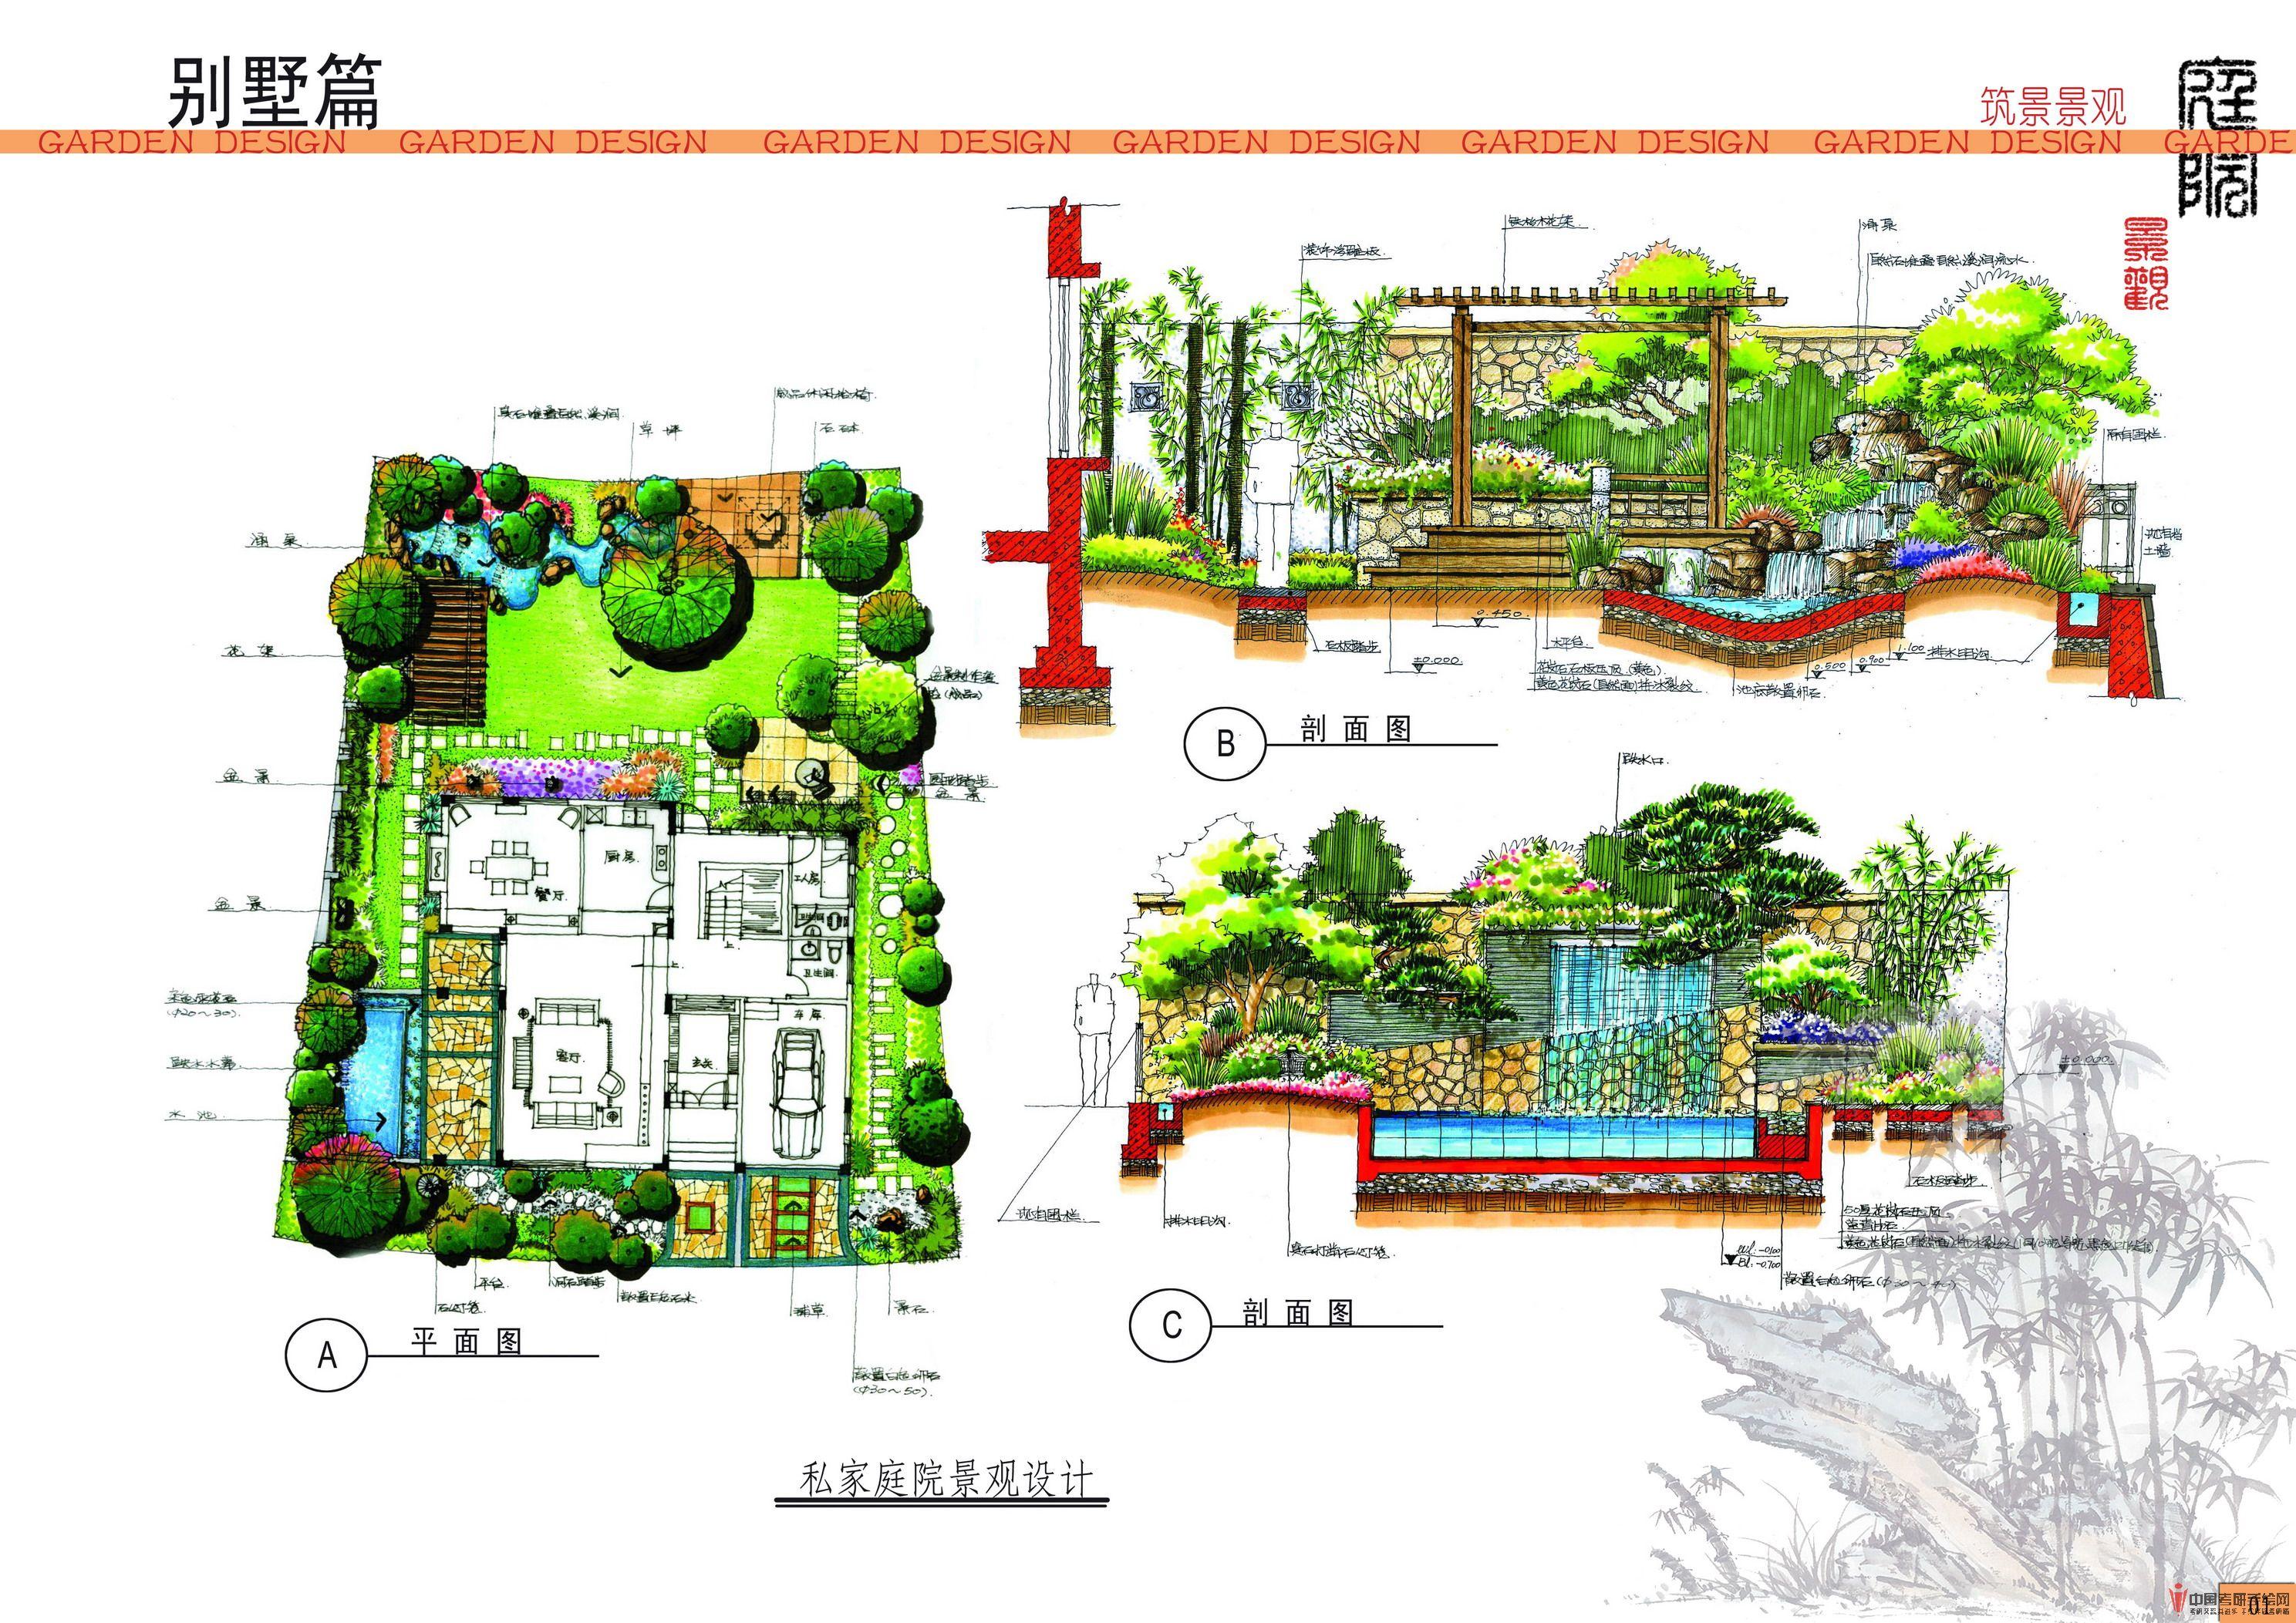 私家别墅庭院景观设计考研手绘快题